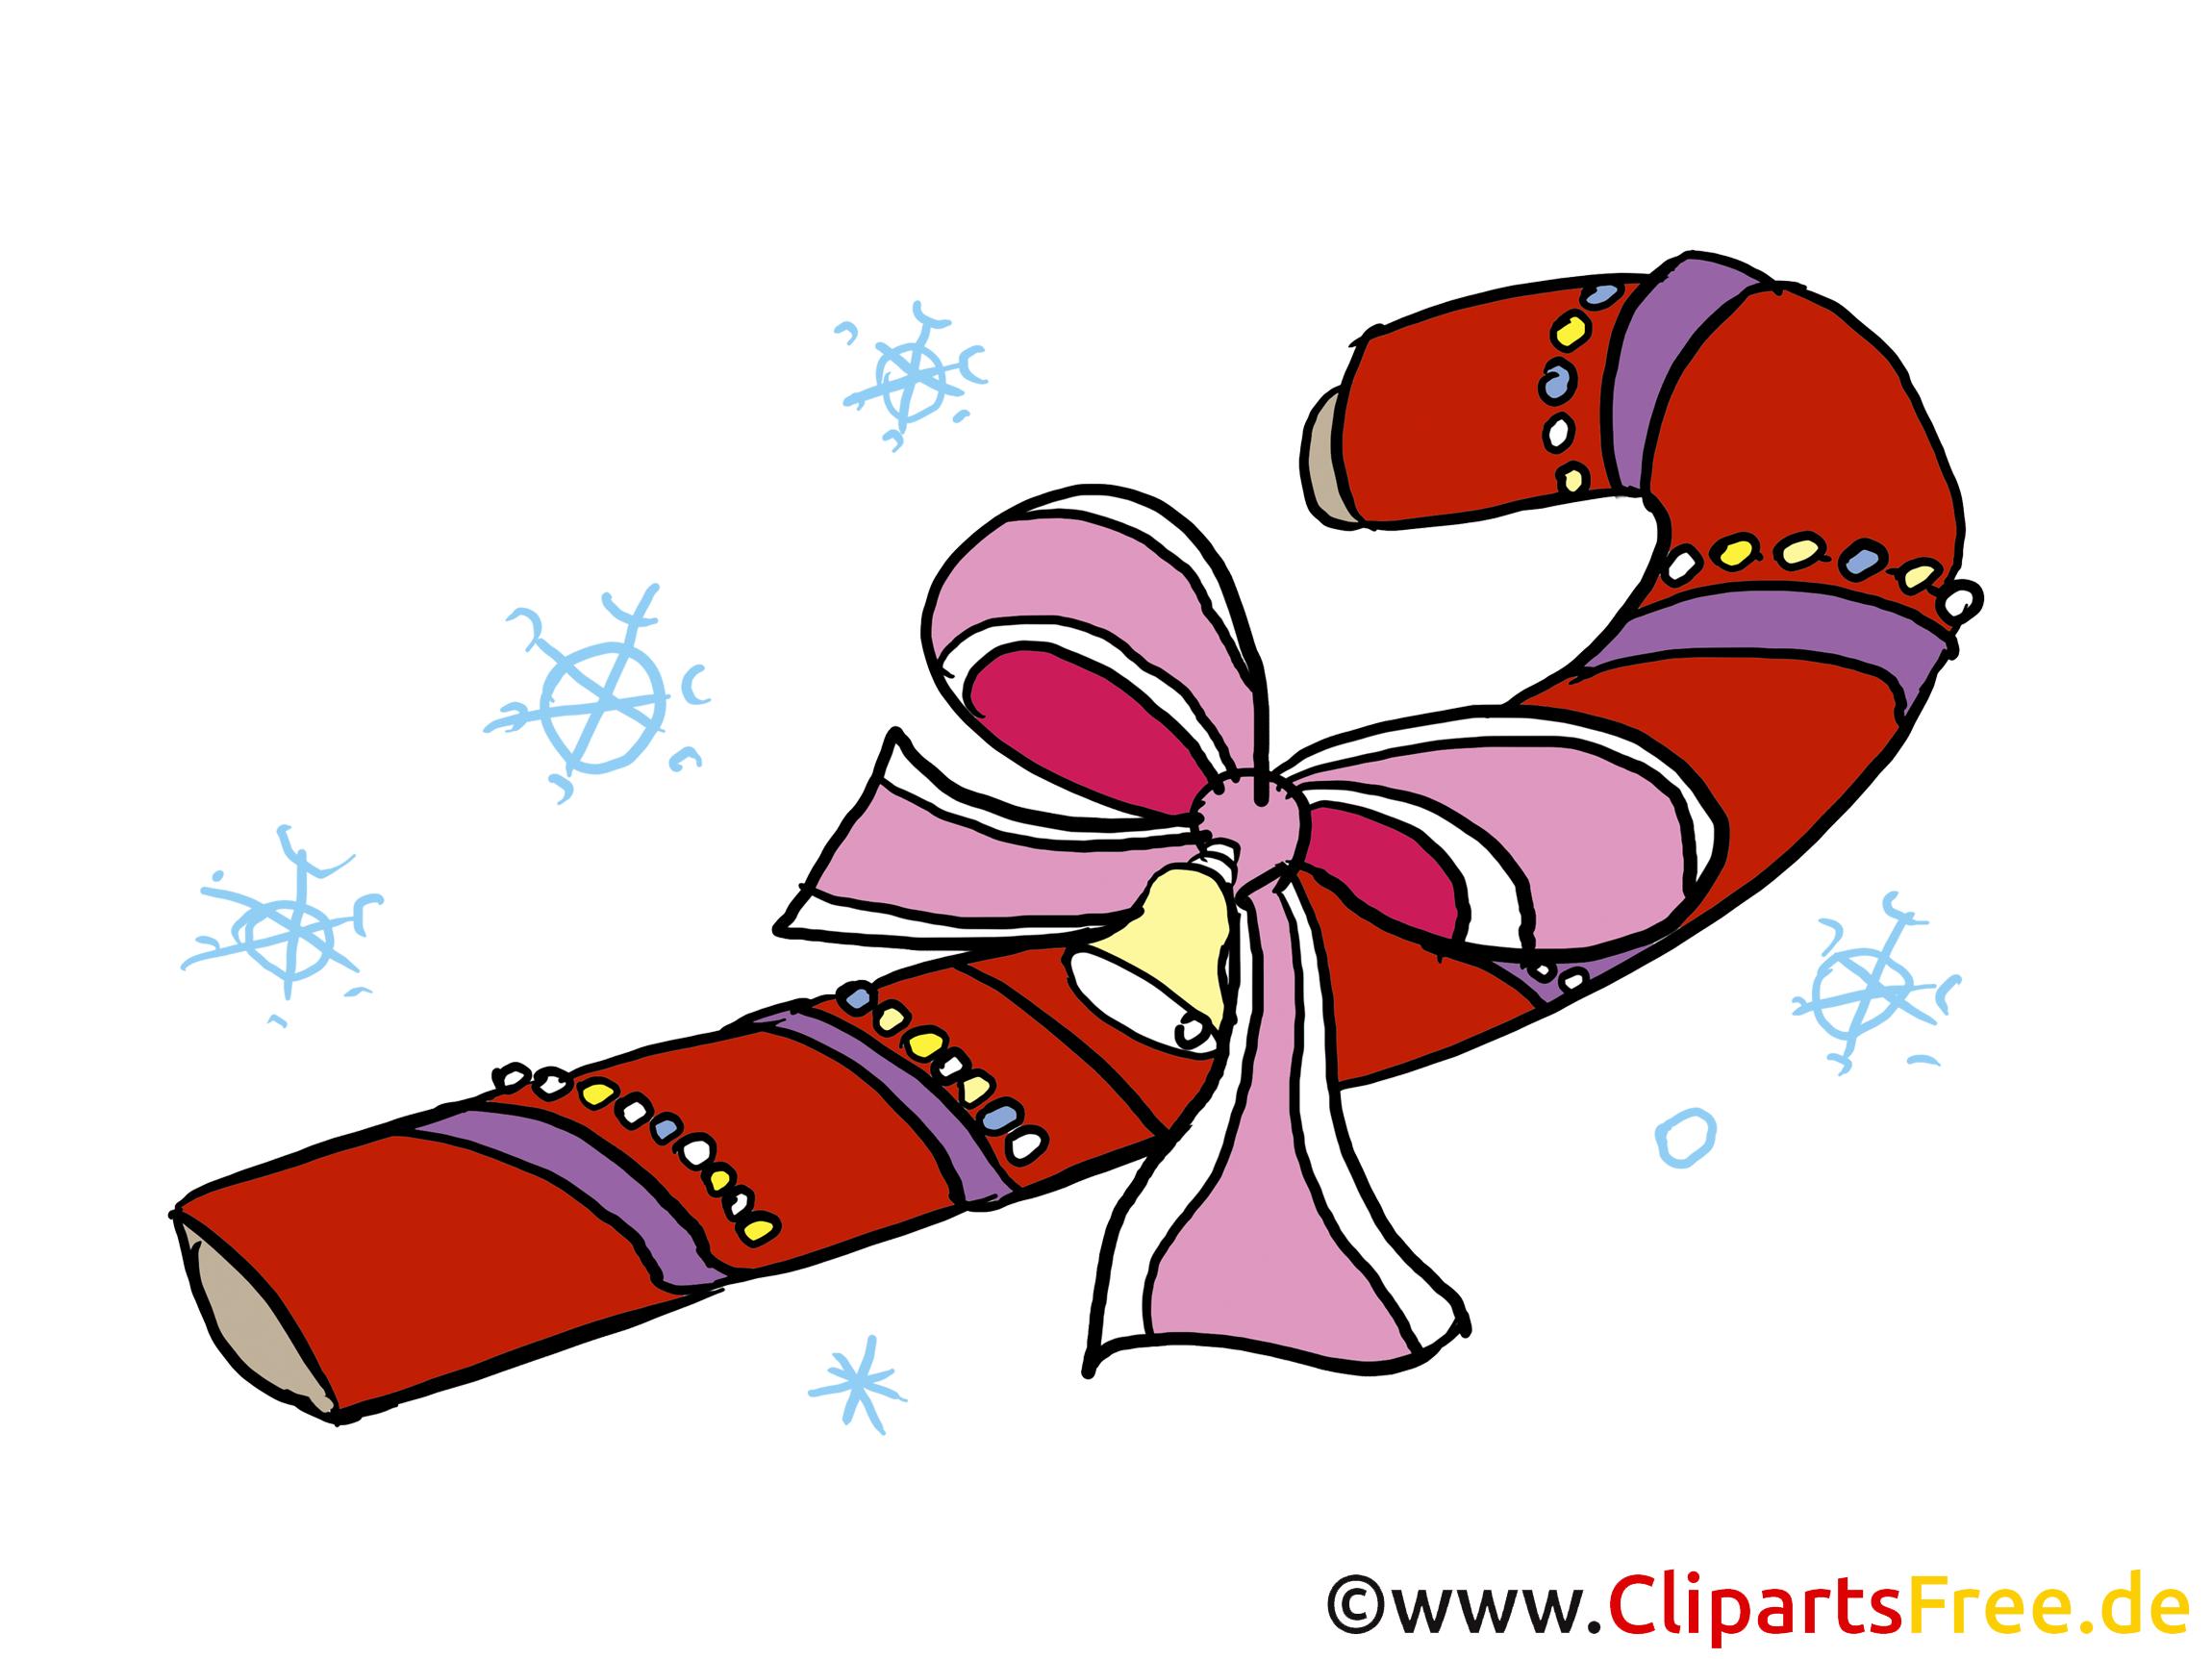 Geschenk zum Advent